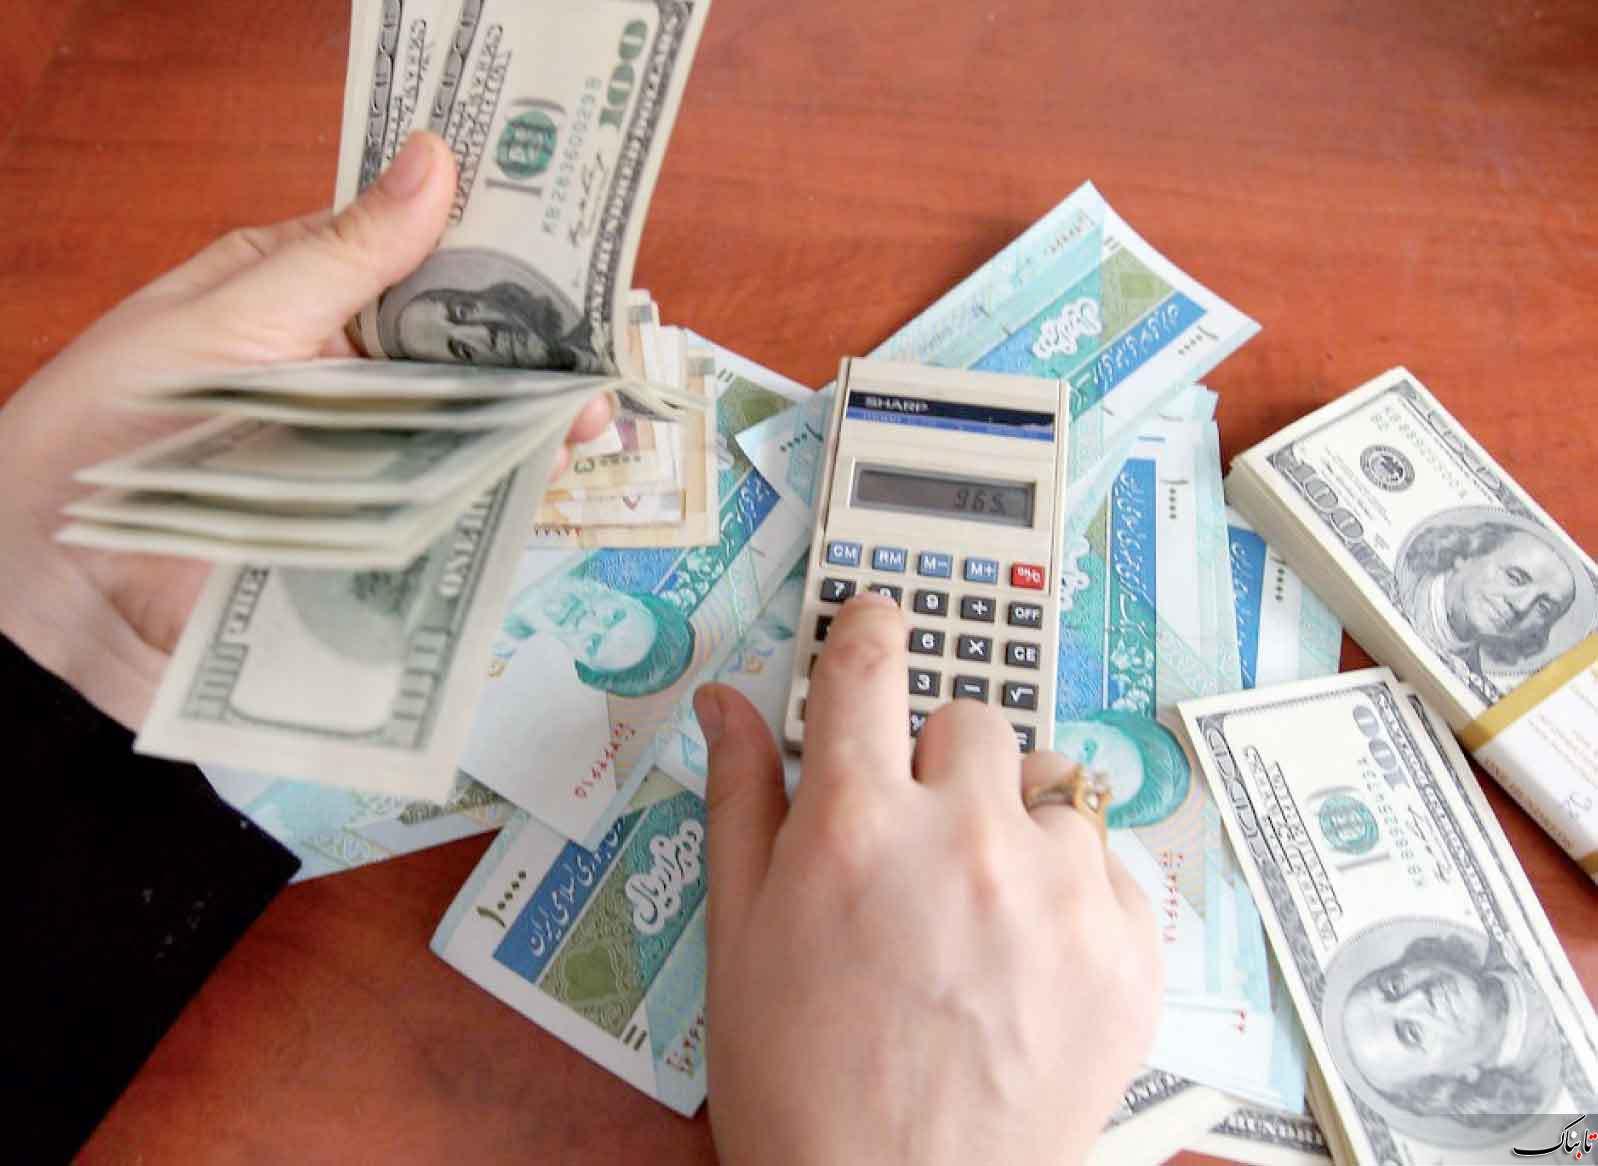 کاهش ۷۵۰ تومانی قیمت دلار در یک روز/ قیمت ۱۲ واحد پولی در بانک مرکزی کاهش یافت